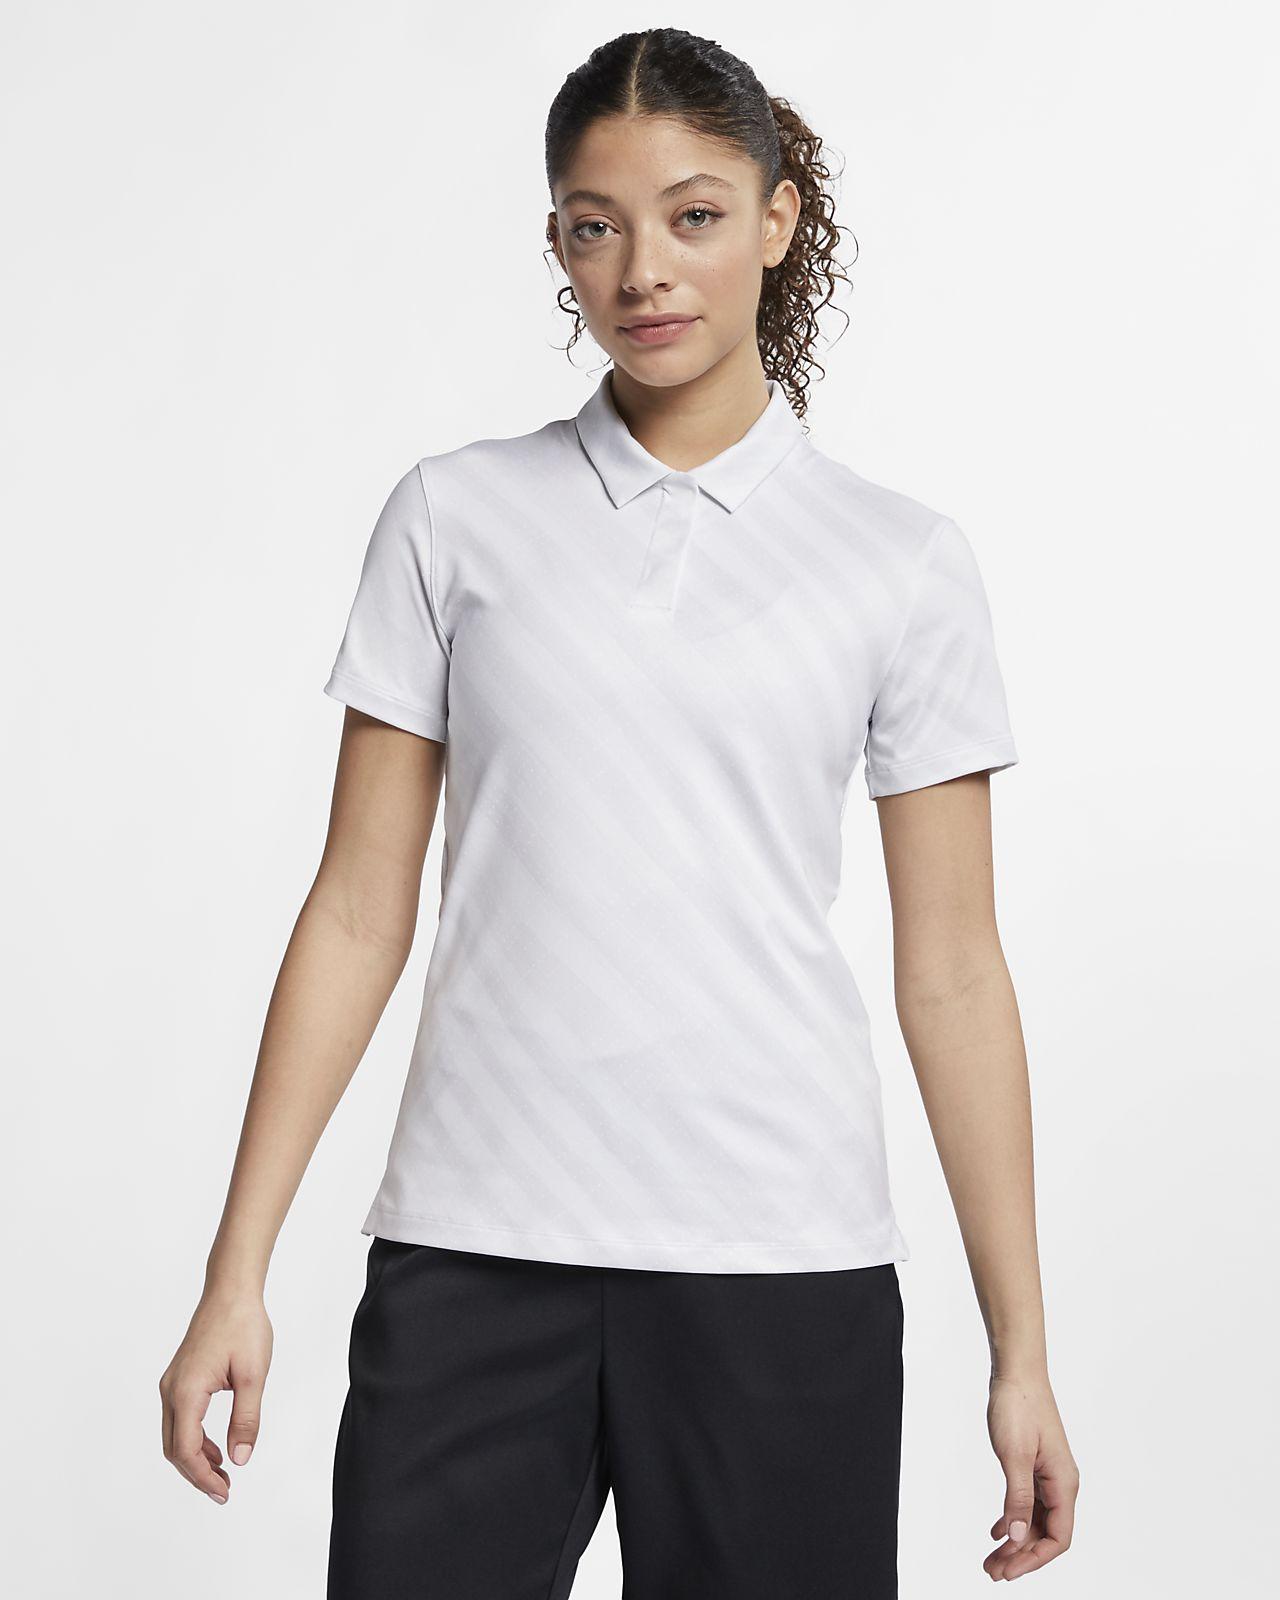 Nike Dri-FIT UV Polo de golf estampat - Dona